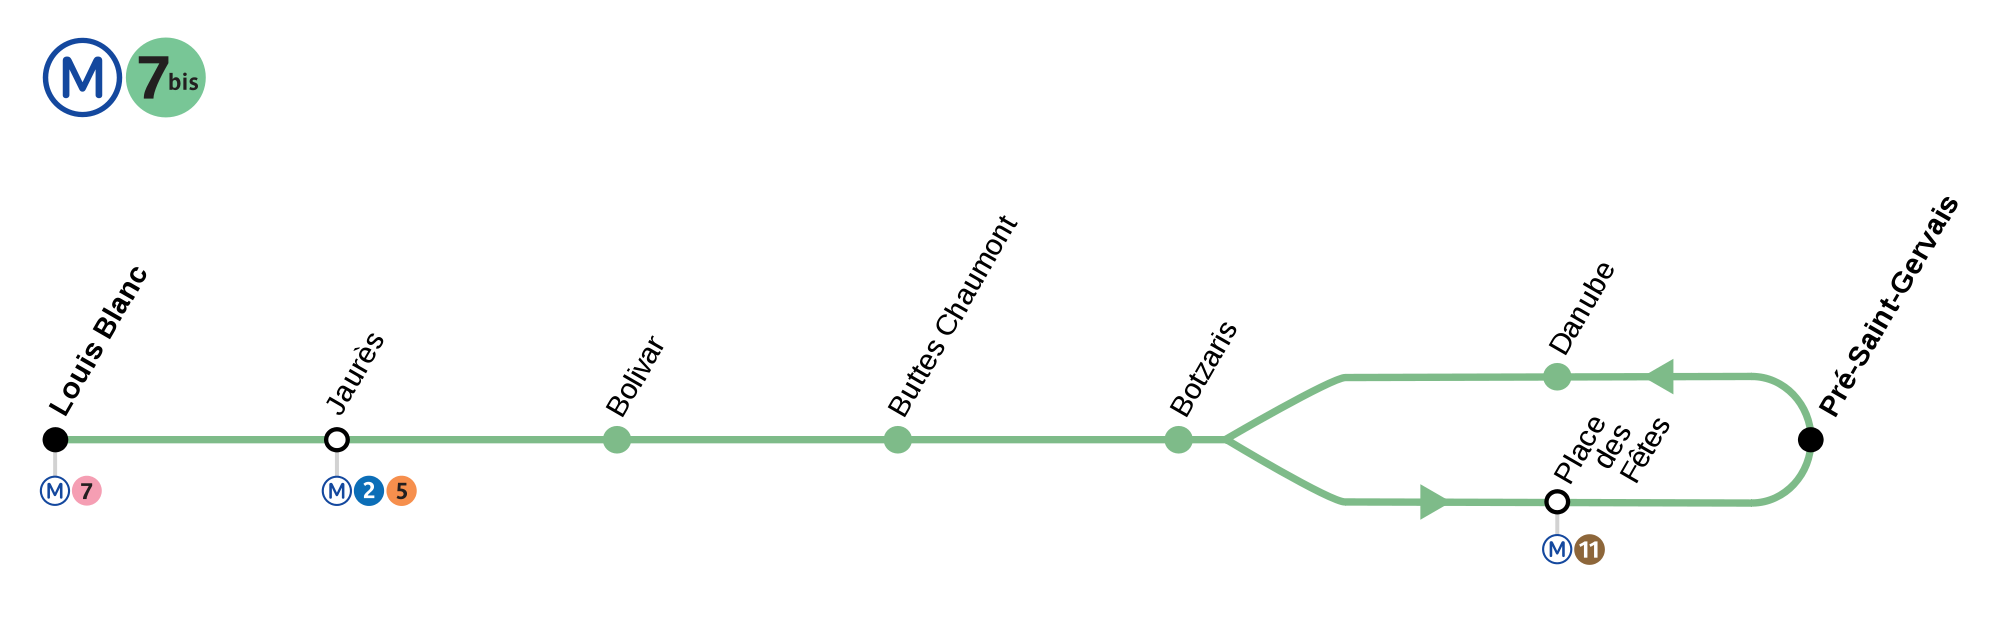 plan metro ligne 7 paris